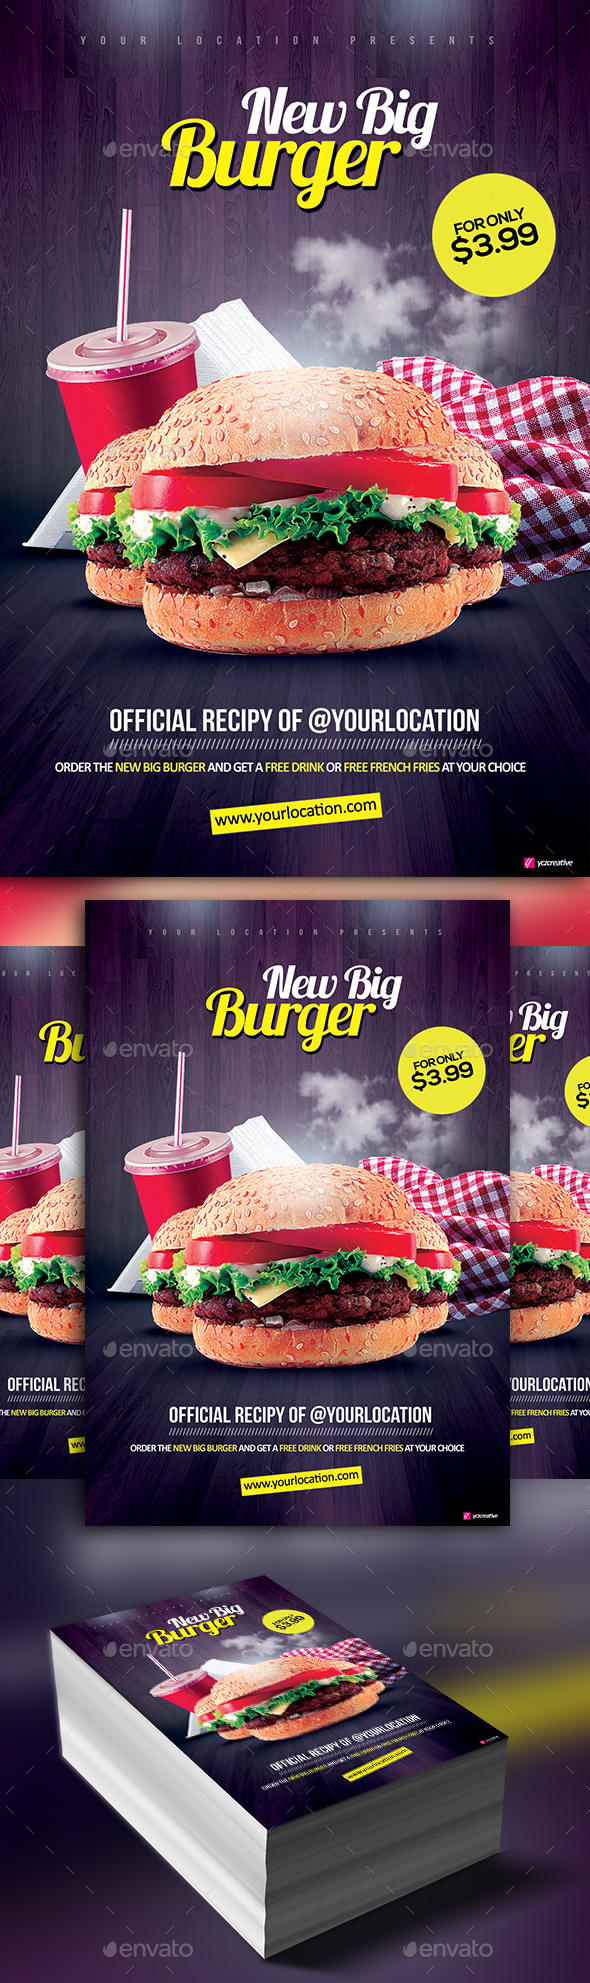 The New Big Burger